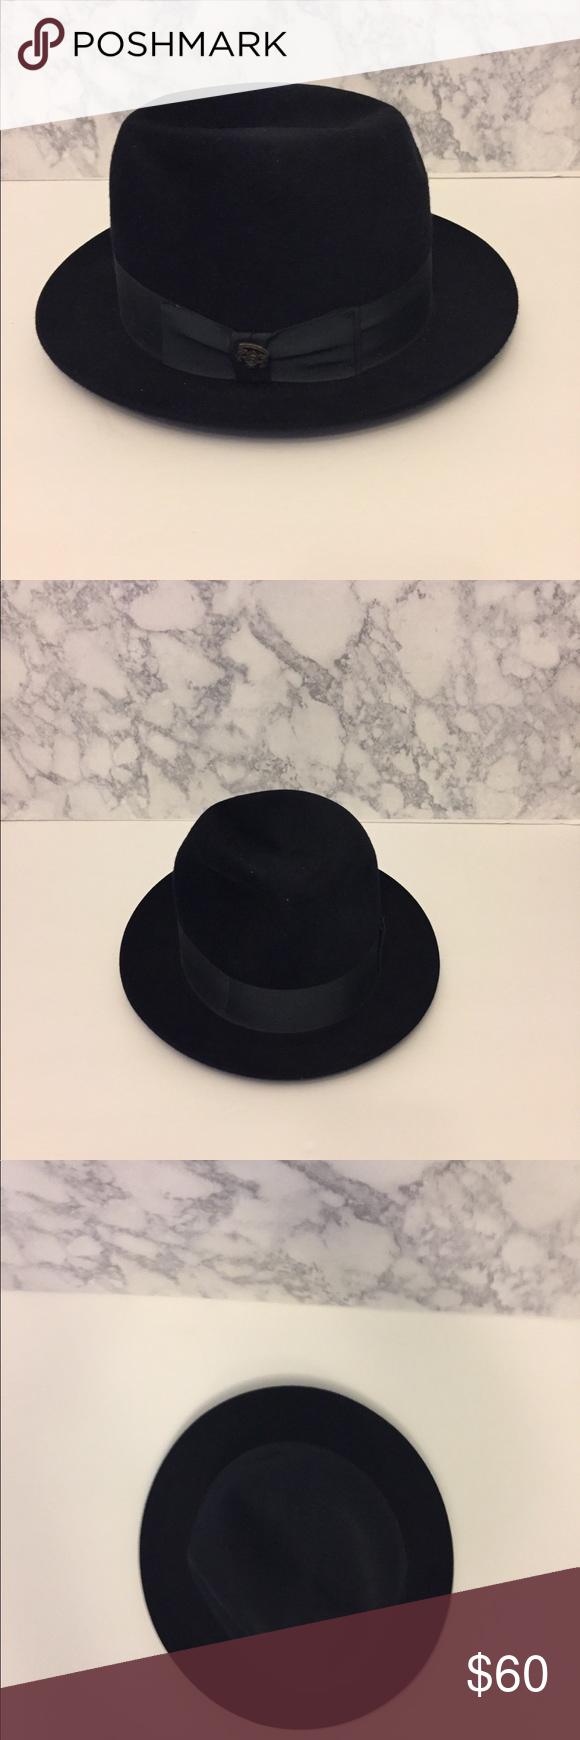 a1b3d23853d Vintage Biltmore Eleganza Hat Vintage Biltmore Eleganza hat in Navy  made  of leather with silk